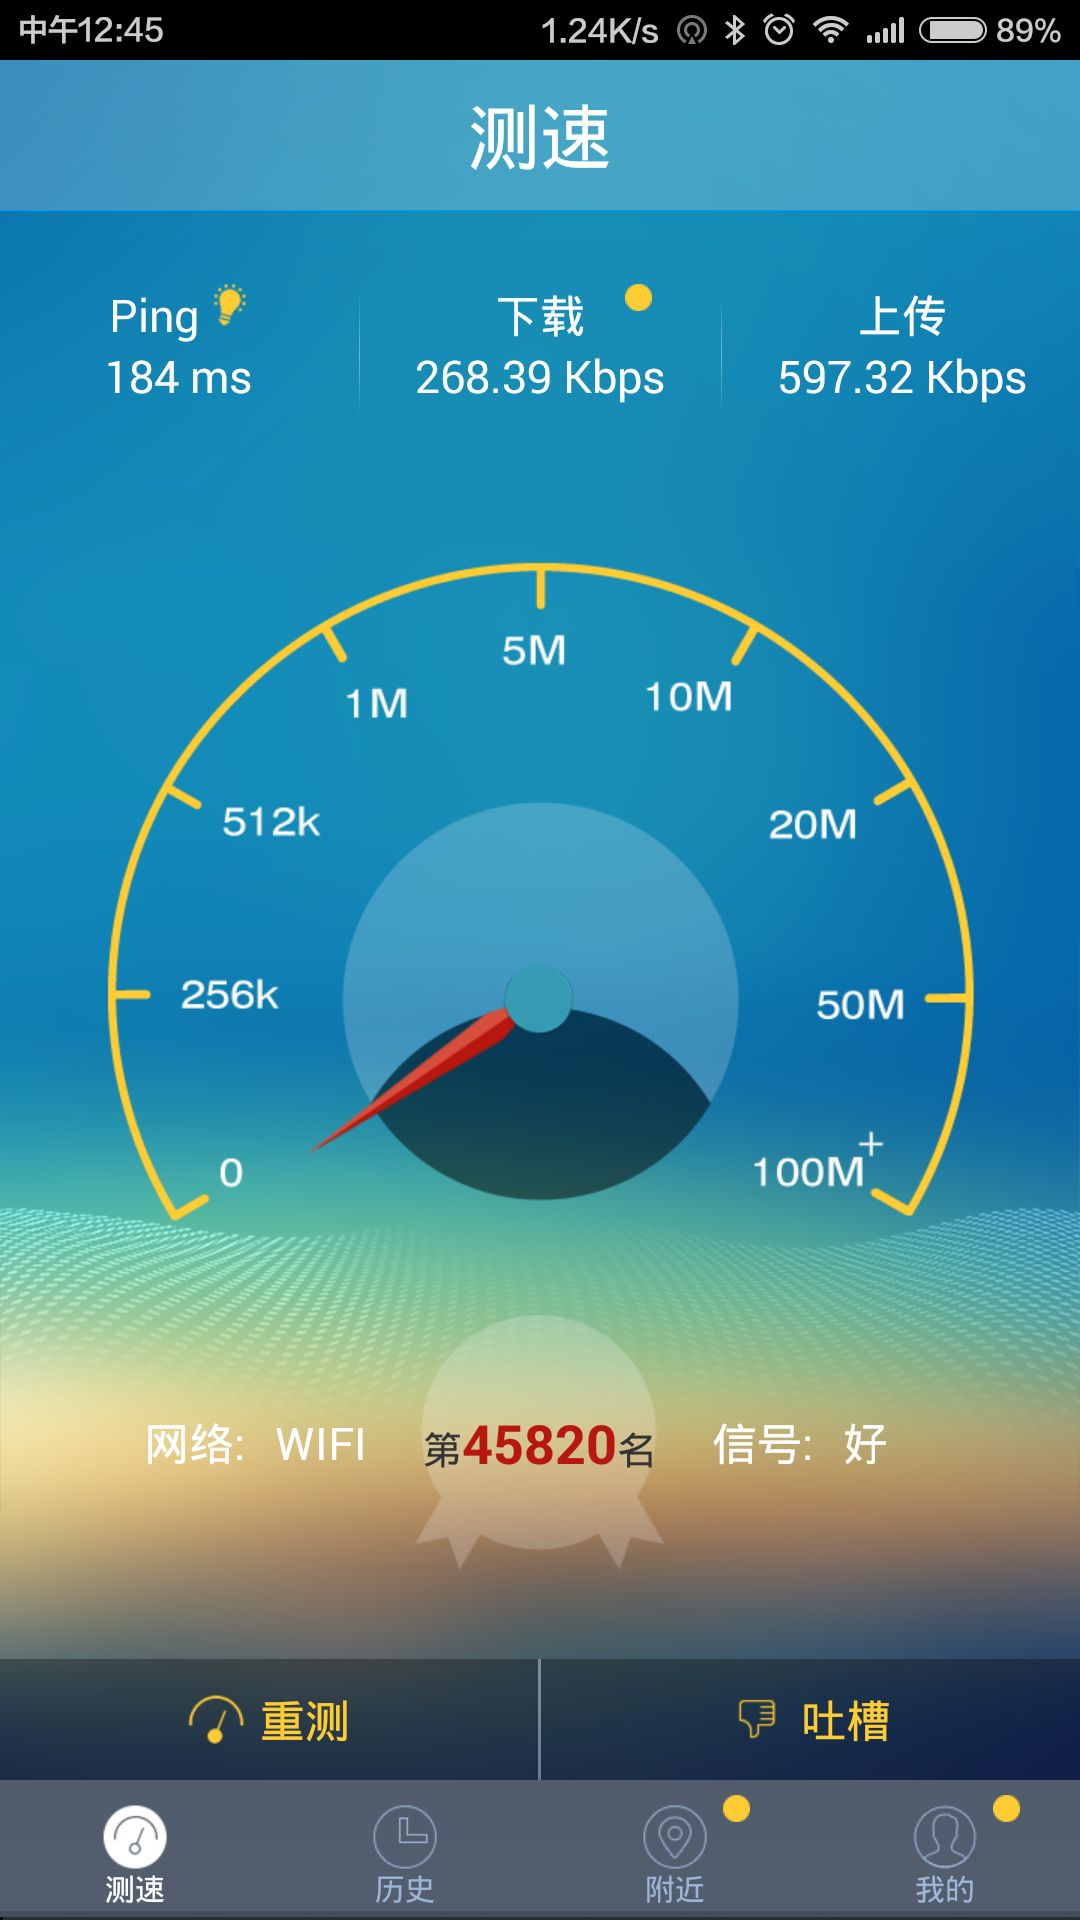 看电影的qq空间_我家电脑速度都挺快的,可是wifi速度慢,特别是手机下载东西 ...